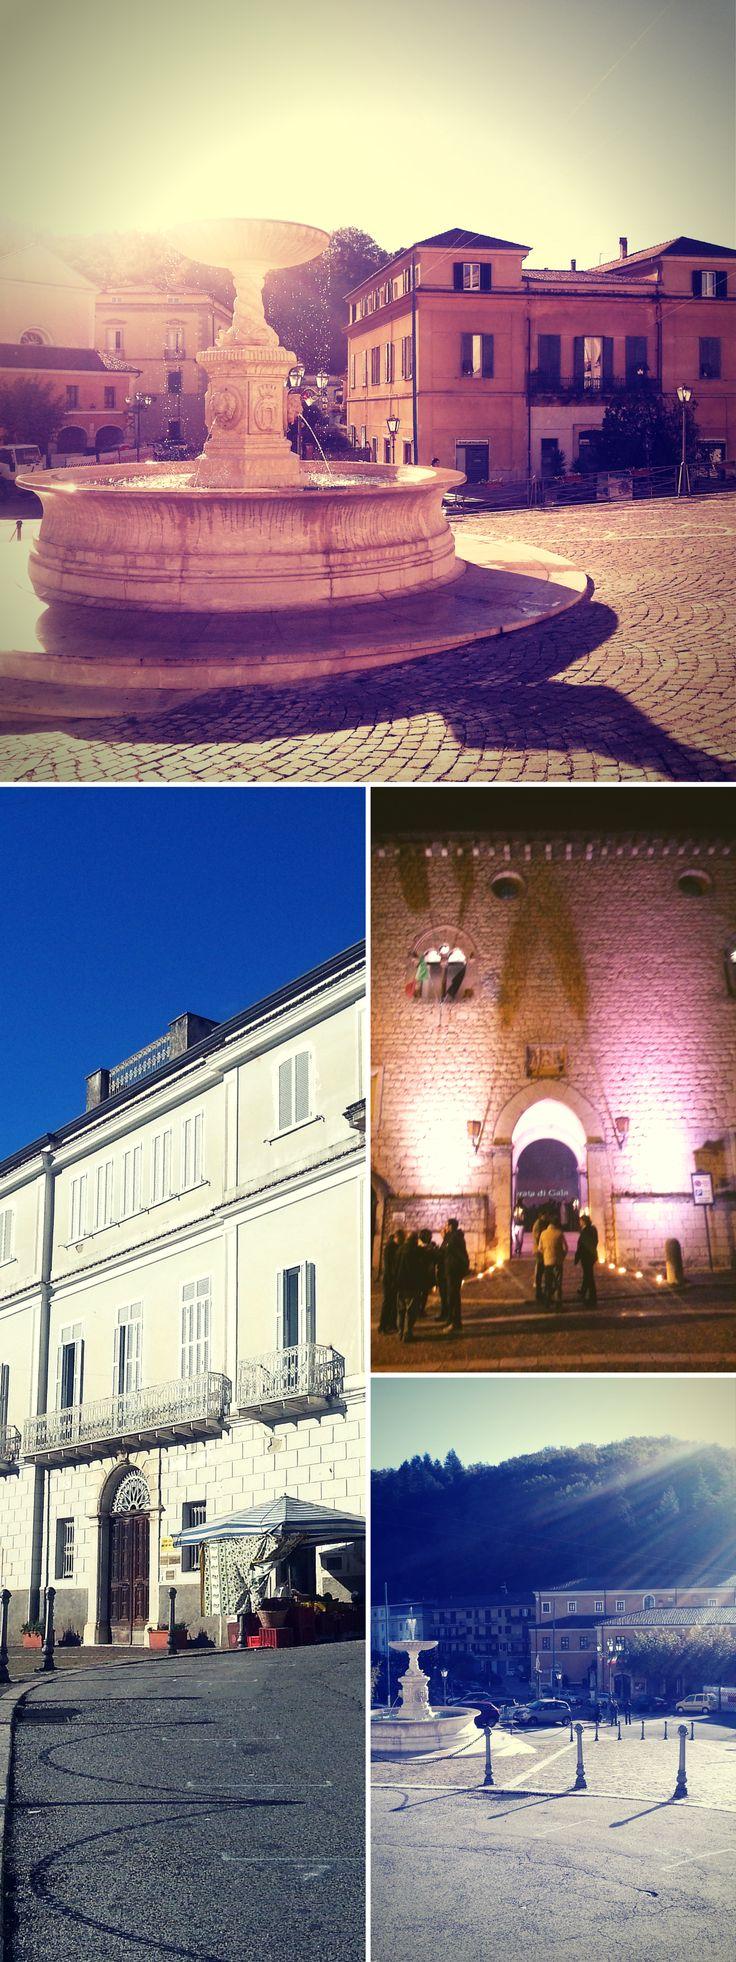 Atina, Valle di Comino, province of Frosinone, Lazio, Italy #fountain #square #castle